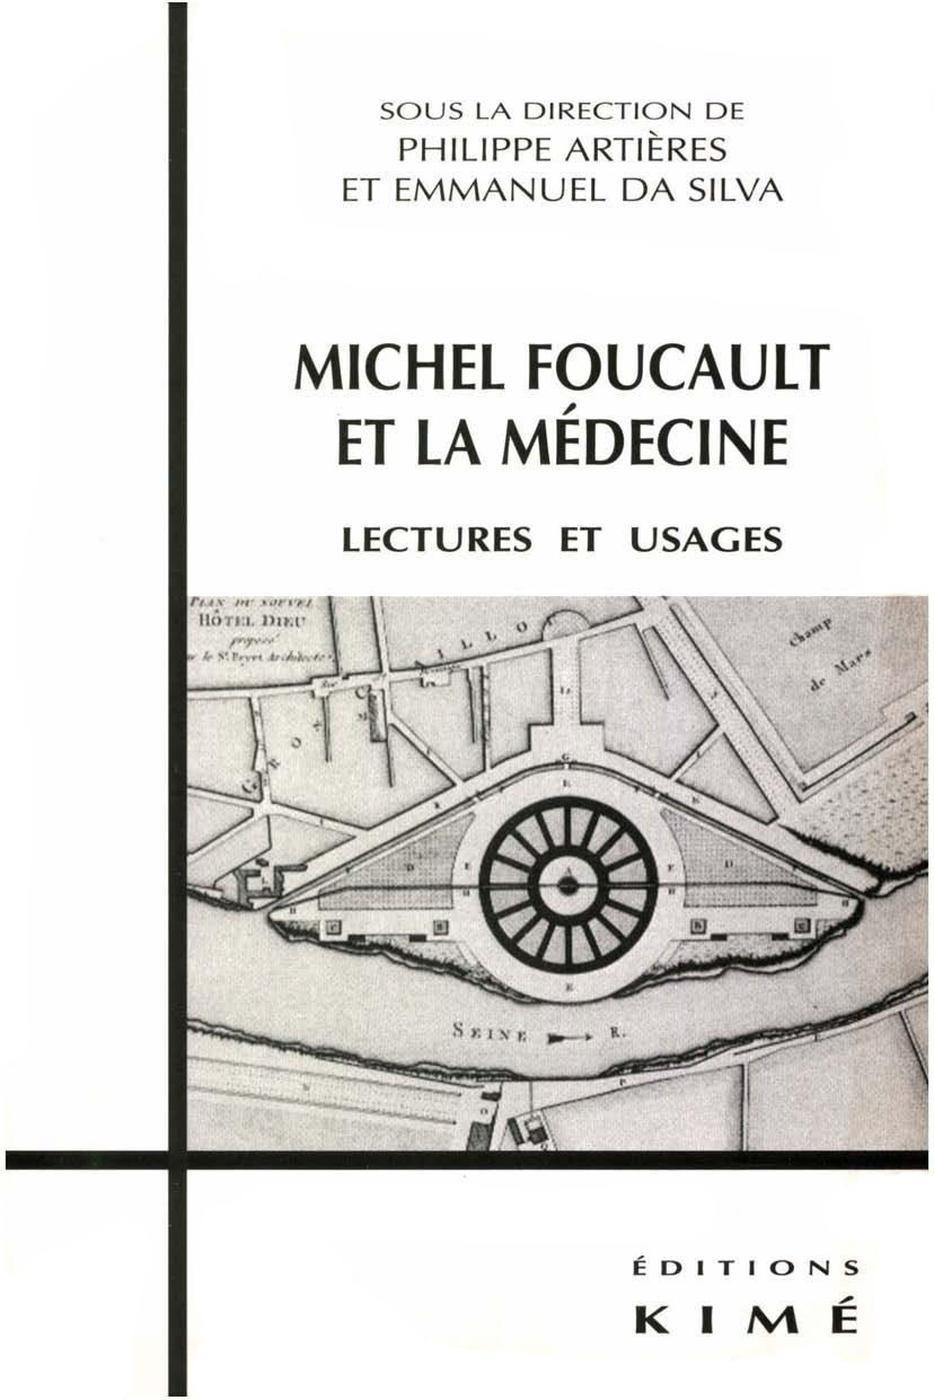 Michel foucault et la medecine